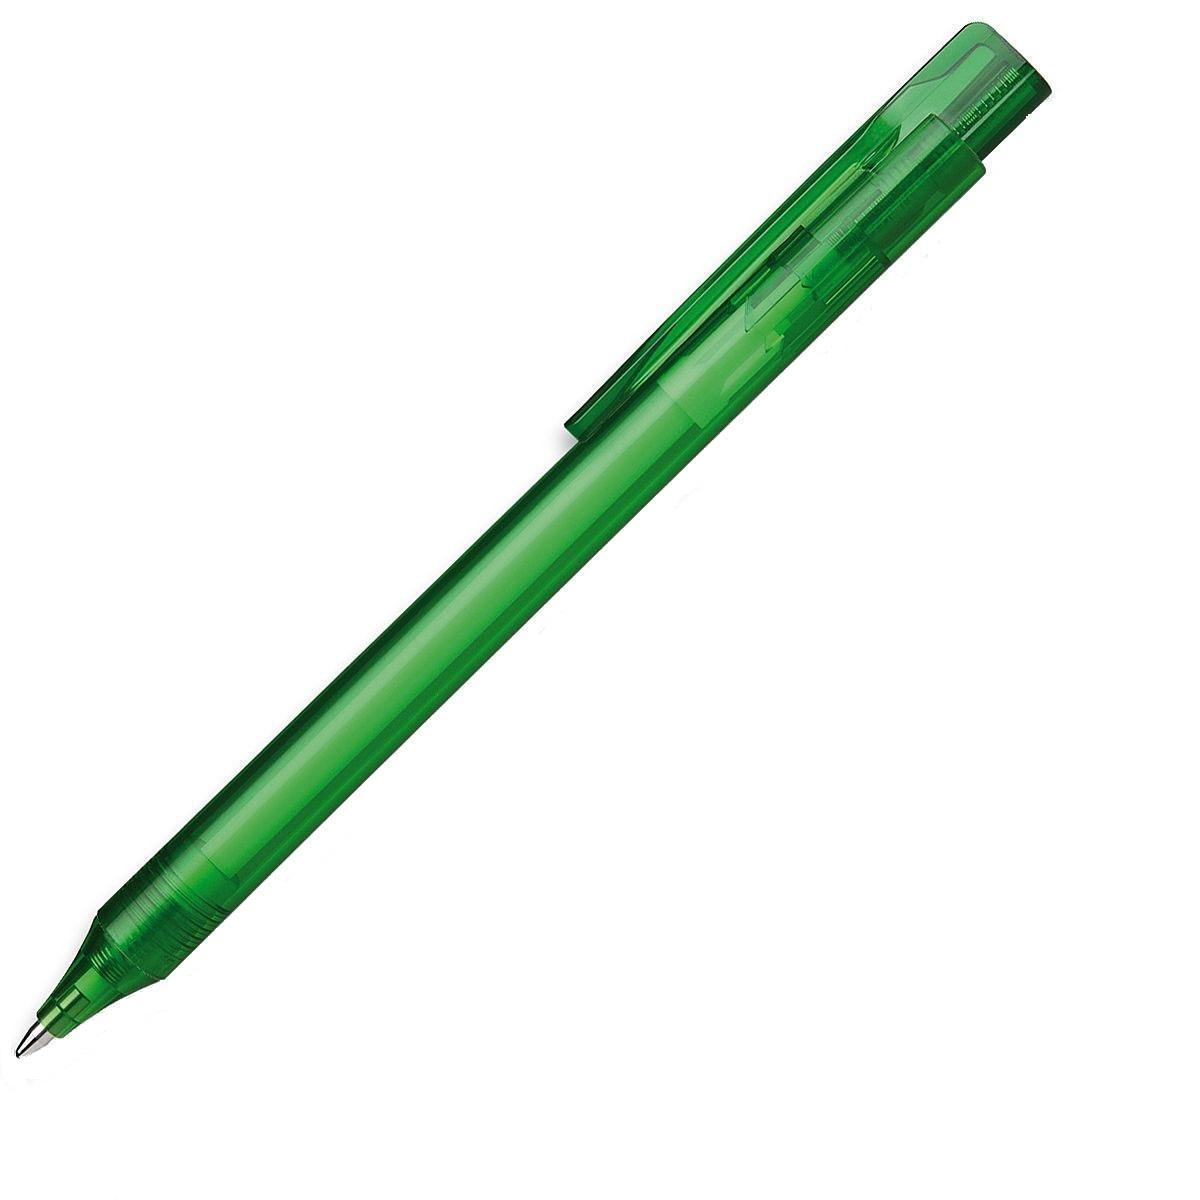 Ручка шариковая Essential, M - 0,5 мм, корпус зеленый прозрачный; синий цвет чернил.